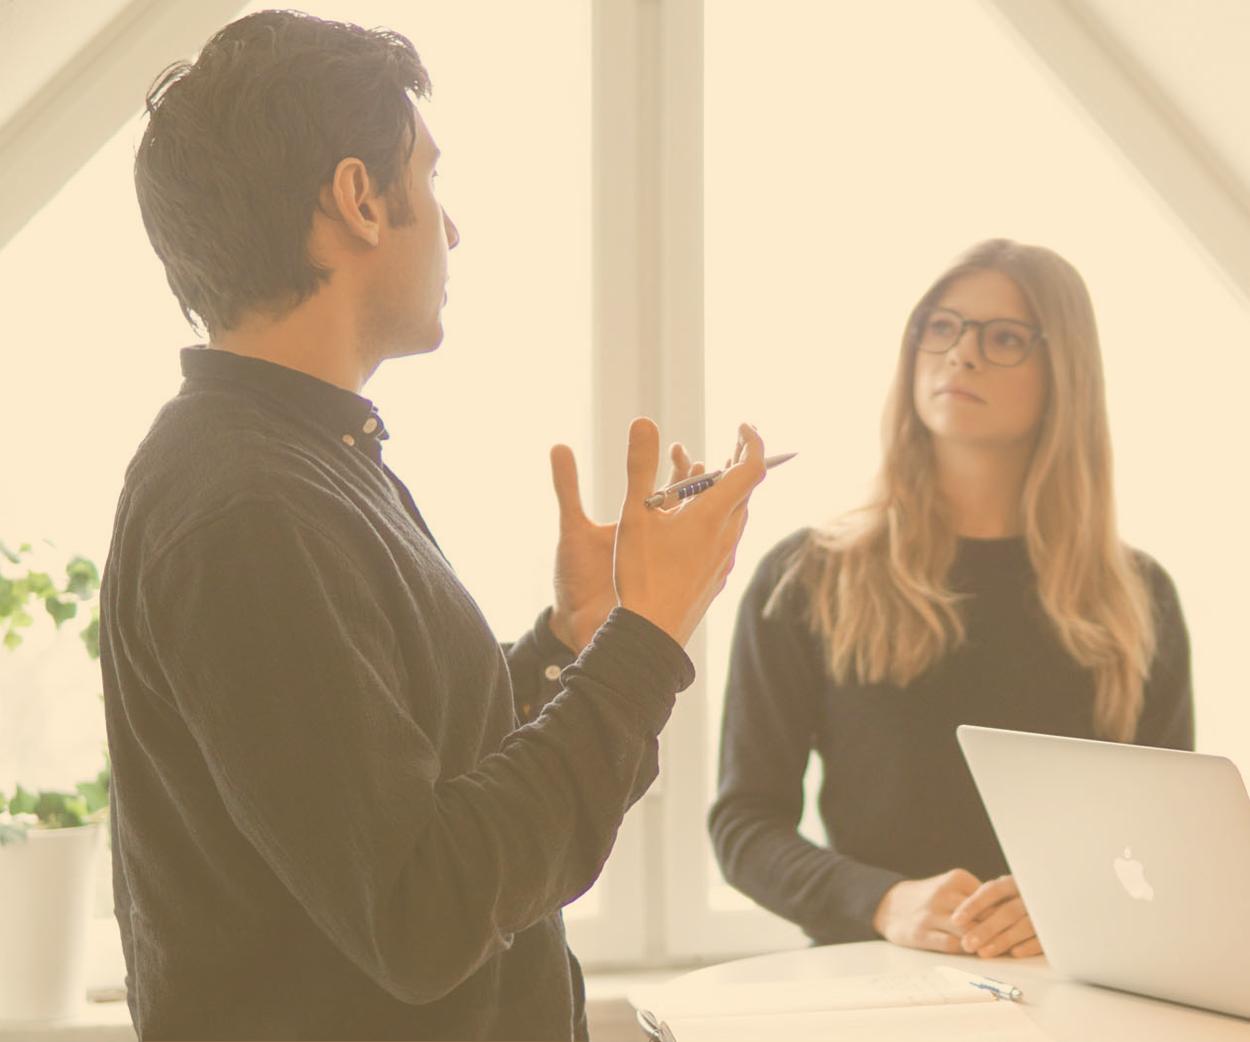 Kommunikation - Digitaliseringen och företags kommunikation får allt större betydelse. I takt med detta behöver organisationer allt oftare extern hjälp för att uppfylla sina kommunikativa mål.Lunicores olika typer av expertis gör det möjligt för oss att erbjuda rådgivning som är taktisk, strategisk och kreativ i lika mått. Vi hjälper dig med bland annat kommunikationsstrategier, grafisk design och sociala medier.